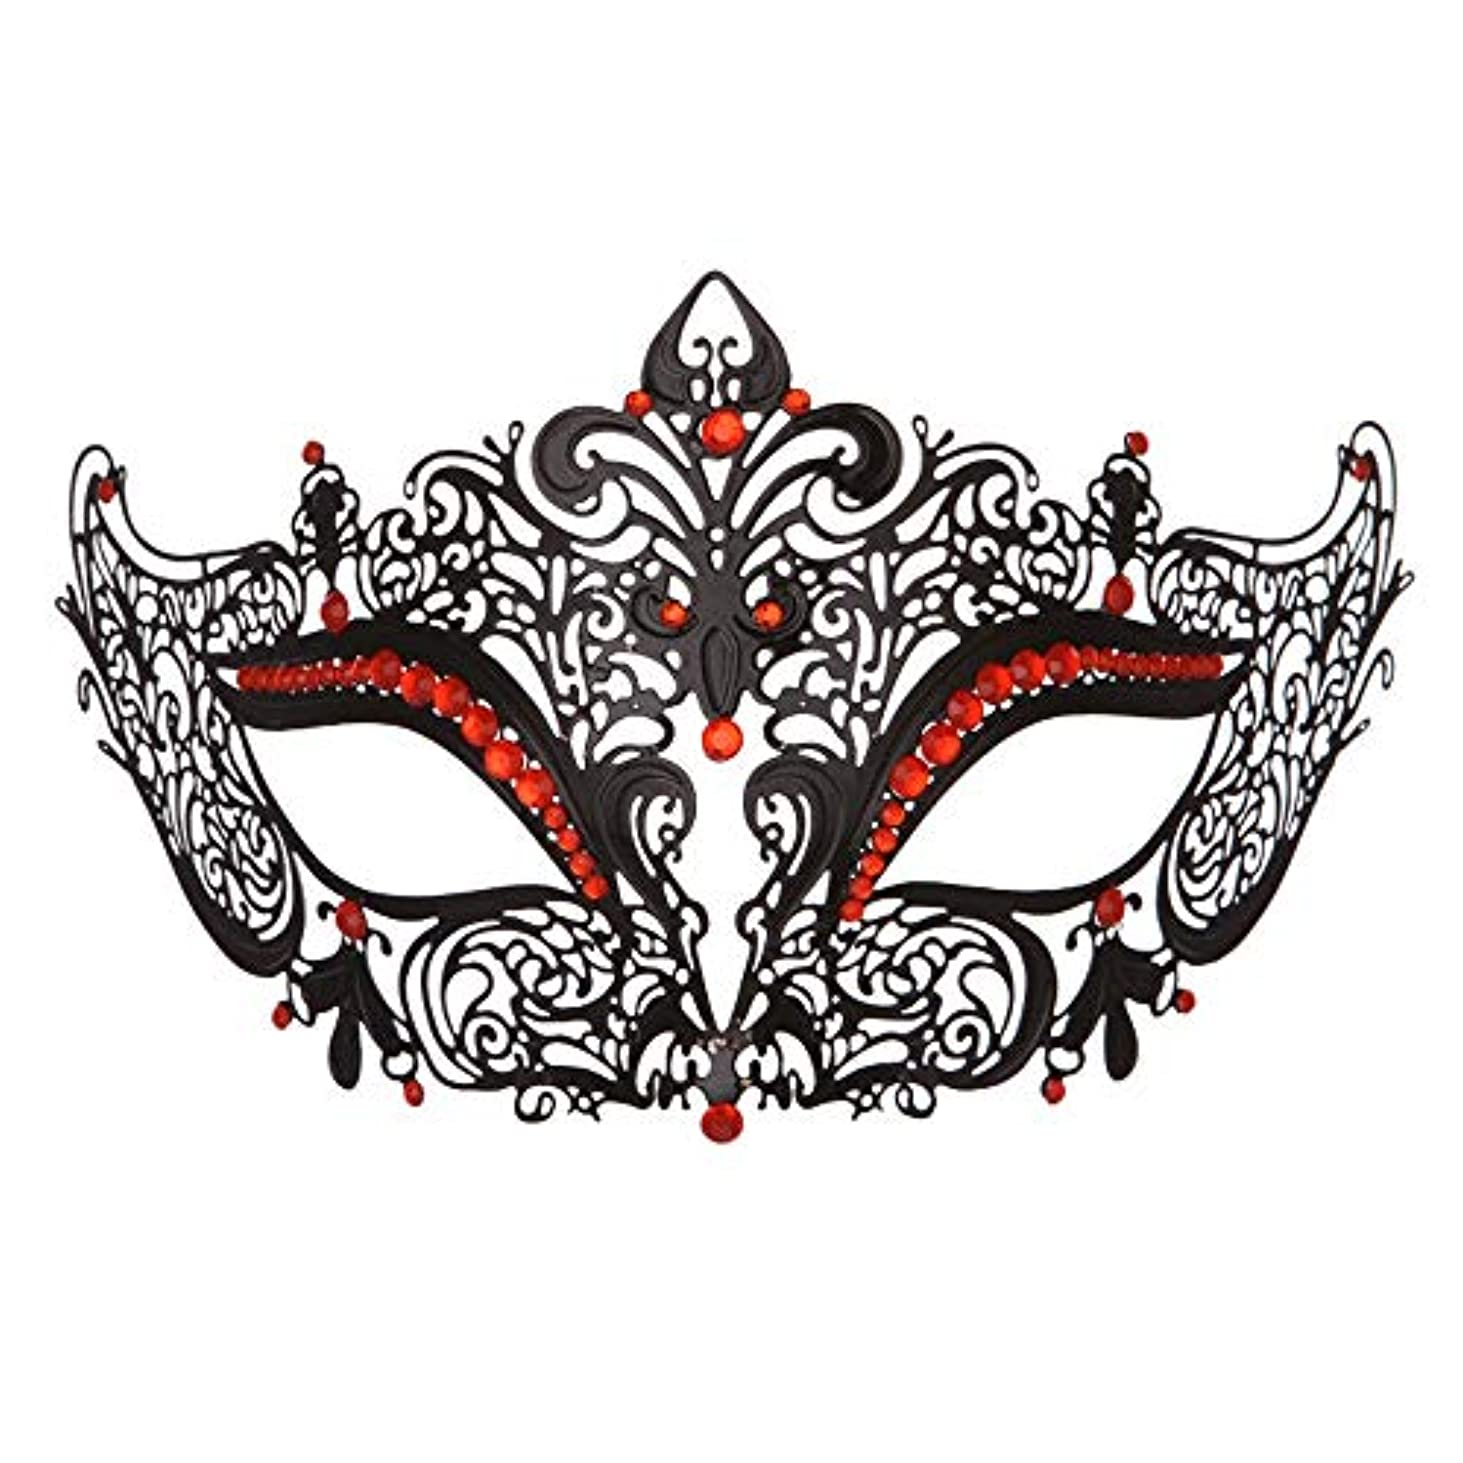 十分ではない風が強い大工ダンスマスク 高級金属鉄マスク女性美少女中空ハーフフェイスファッションナイトクラブパーティー仮面舞踏会マスク ホリデーパーティー用品 (色 : 白, サイズ : 19x8cm)